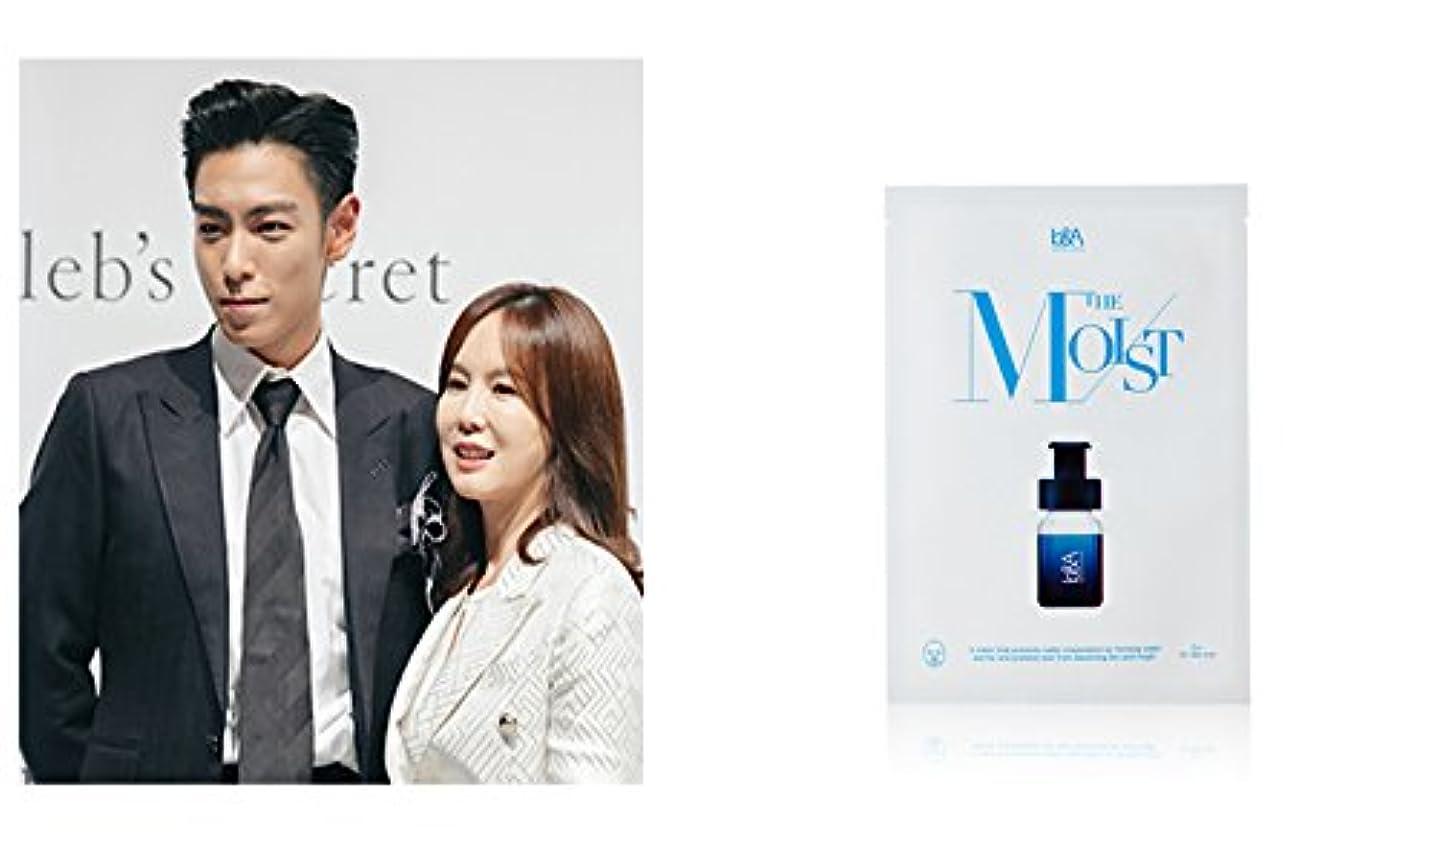 終わったレタッチ緯度BigBang Top [K cosmetic][K beauty] Celeb's-Secret THE MOIST MASK / 5pcs [海外直送品][並行輸入品]